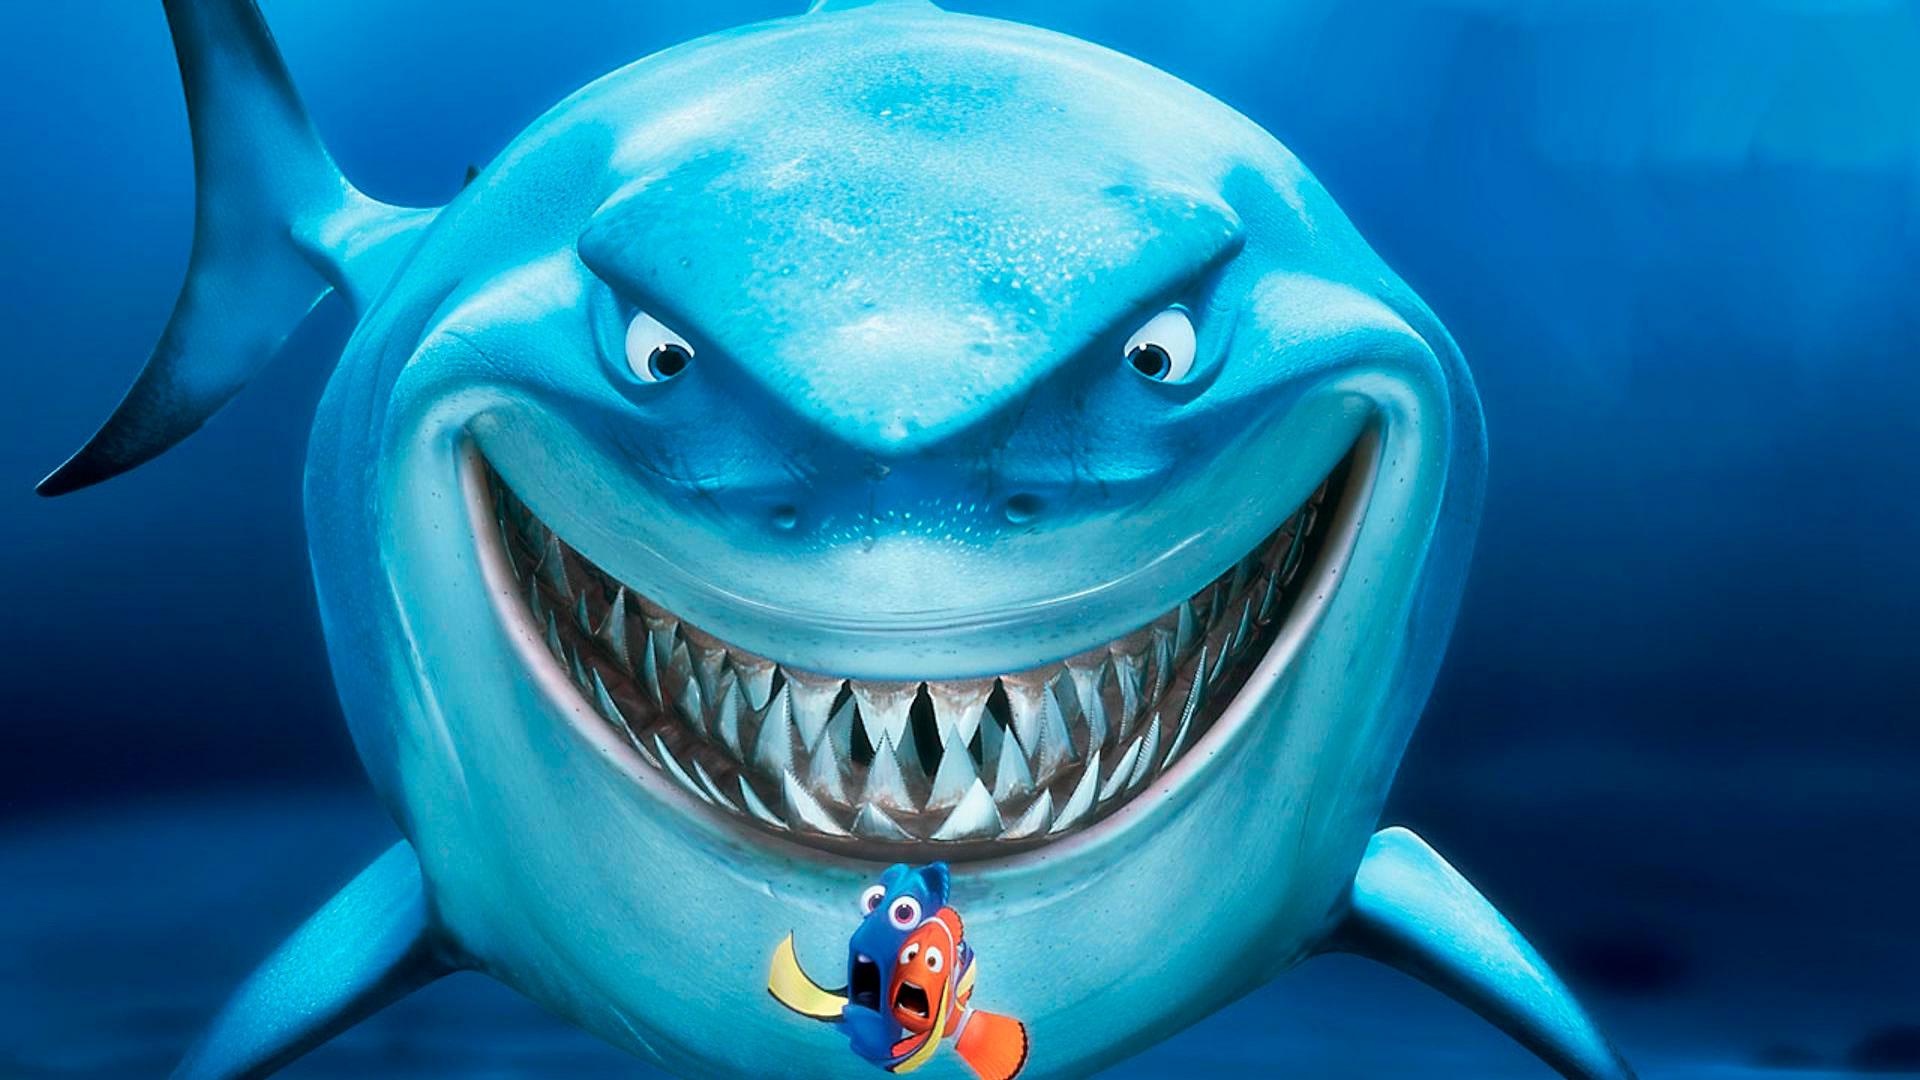 Страшная акула скачать фото обои для рабочего стола.